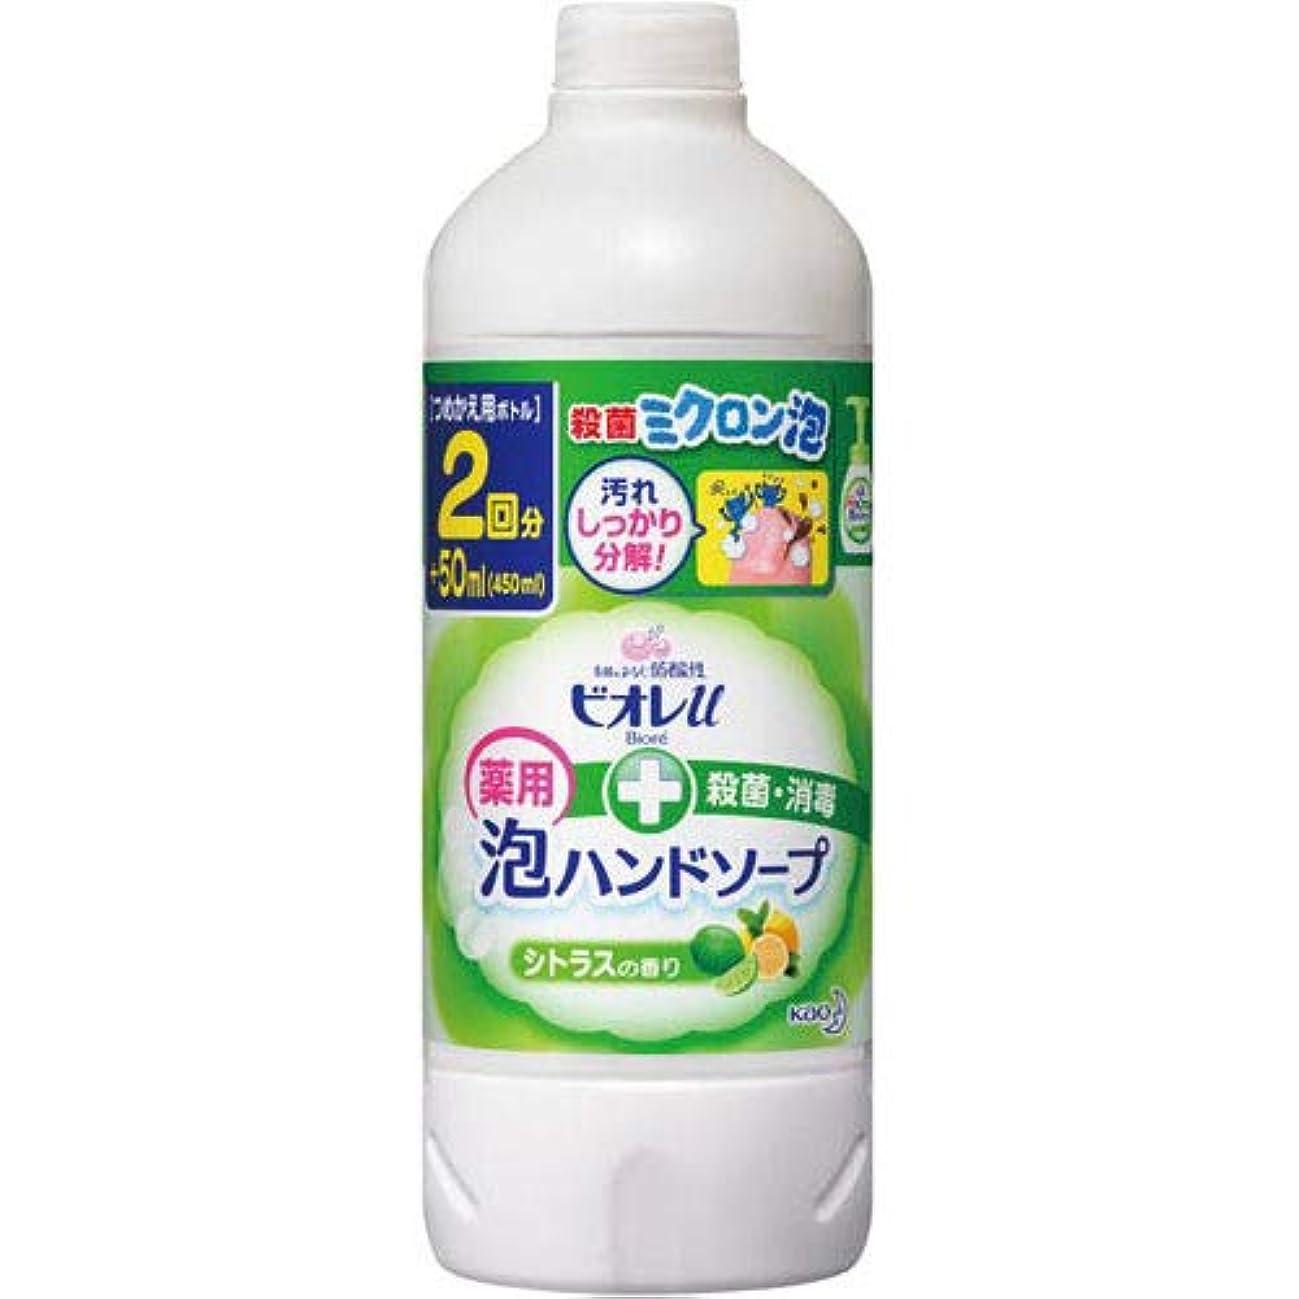 収まる味おじさん【花王】ビオレU 泡ハンドソープ シトラスの香り <詰替> 450ml ×5個セット